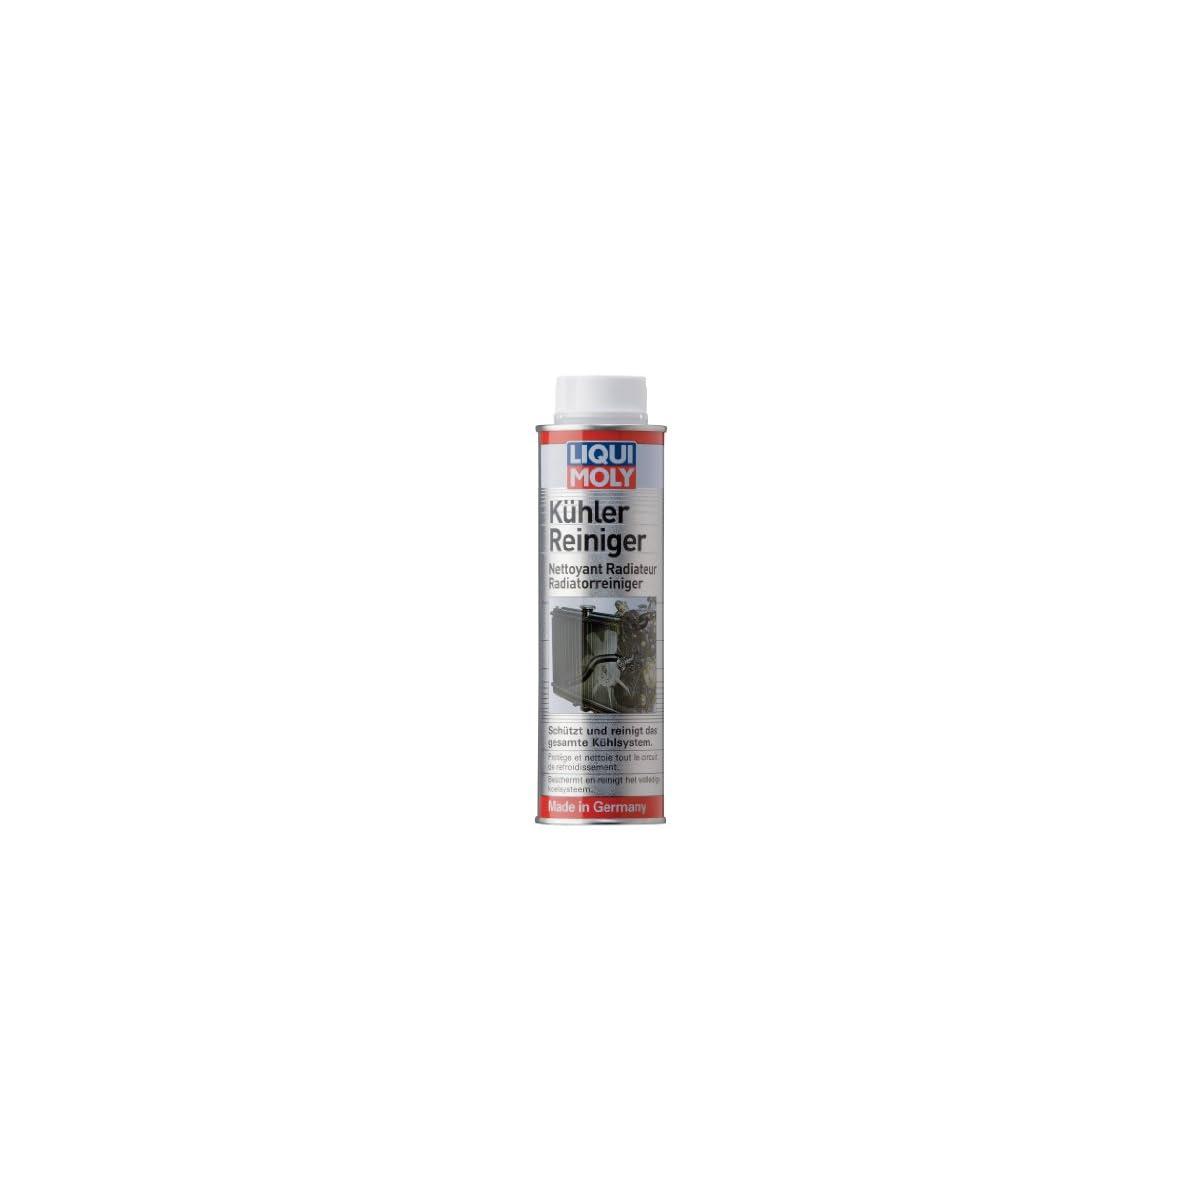 41wDCnfj%2BCL. SS1200  - Liqui Moly 3320 - Limpiador de radiador (300 ml)